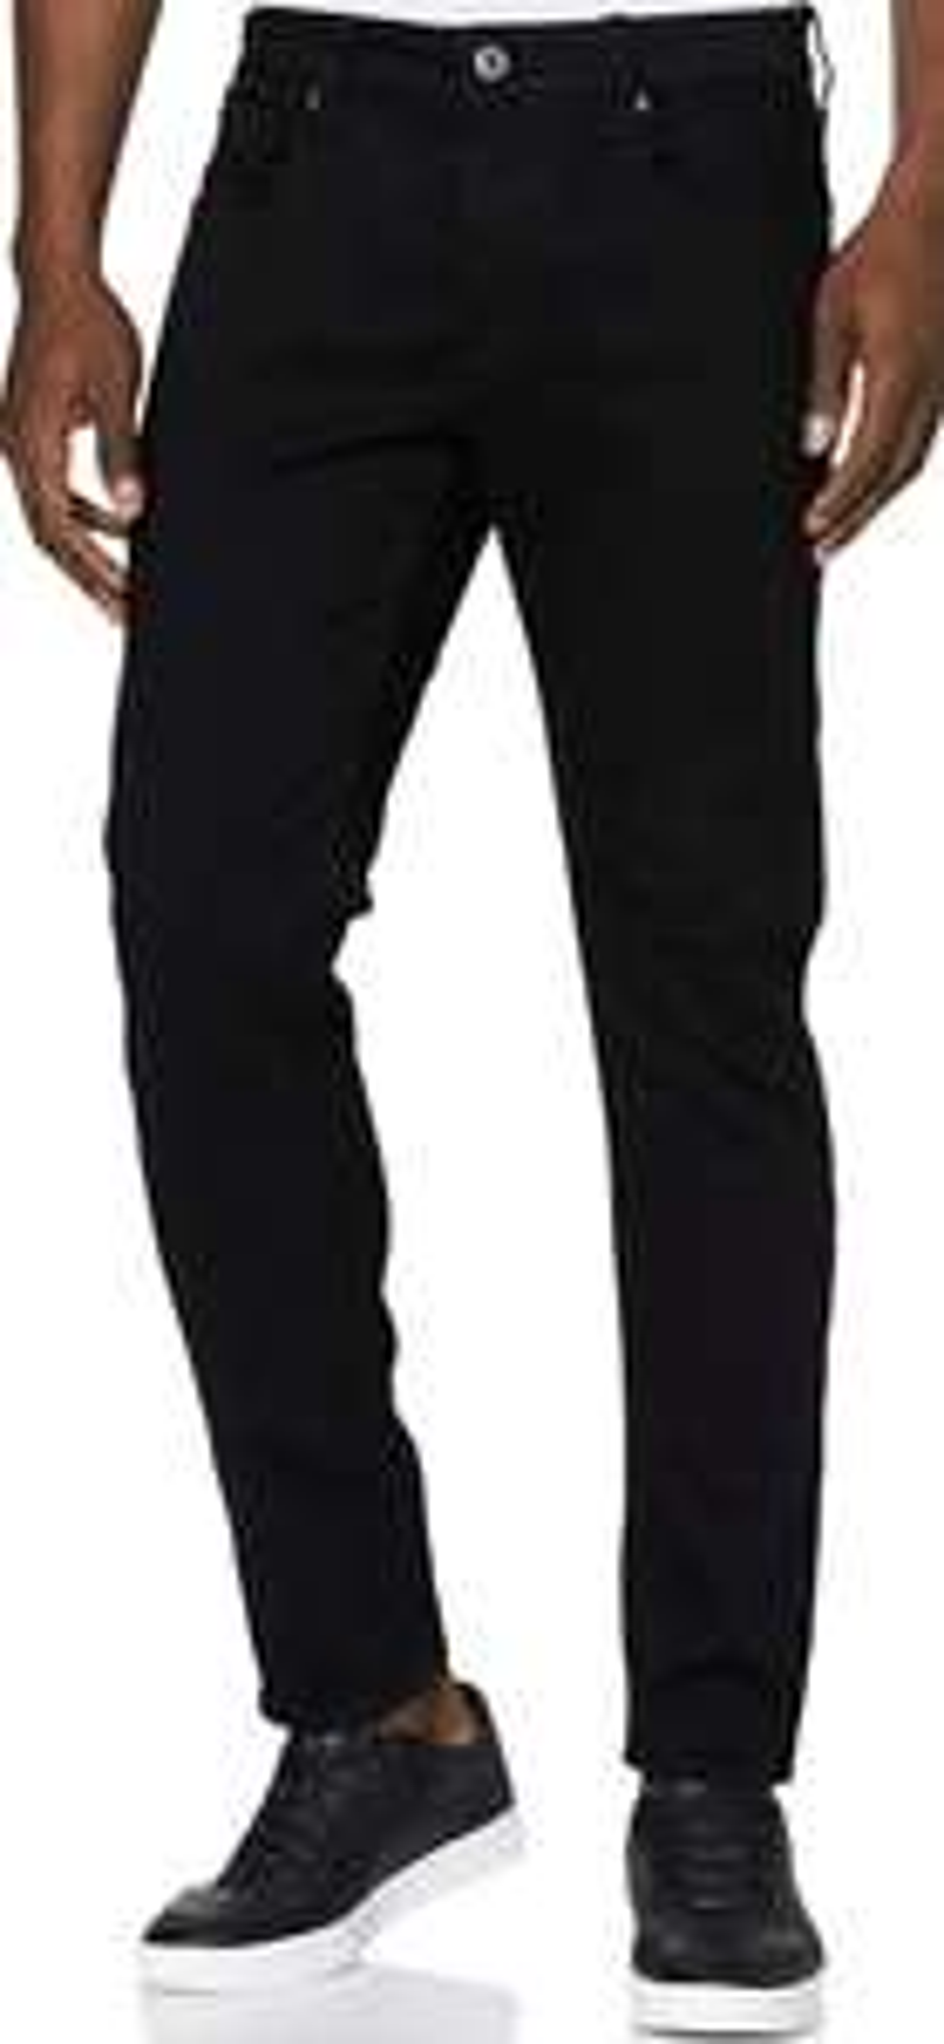 G-STAR RAW 3301 Slim Jeans voor heren